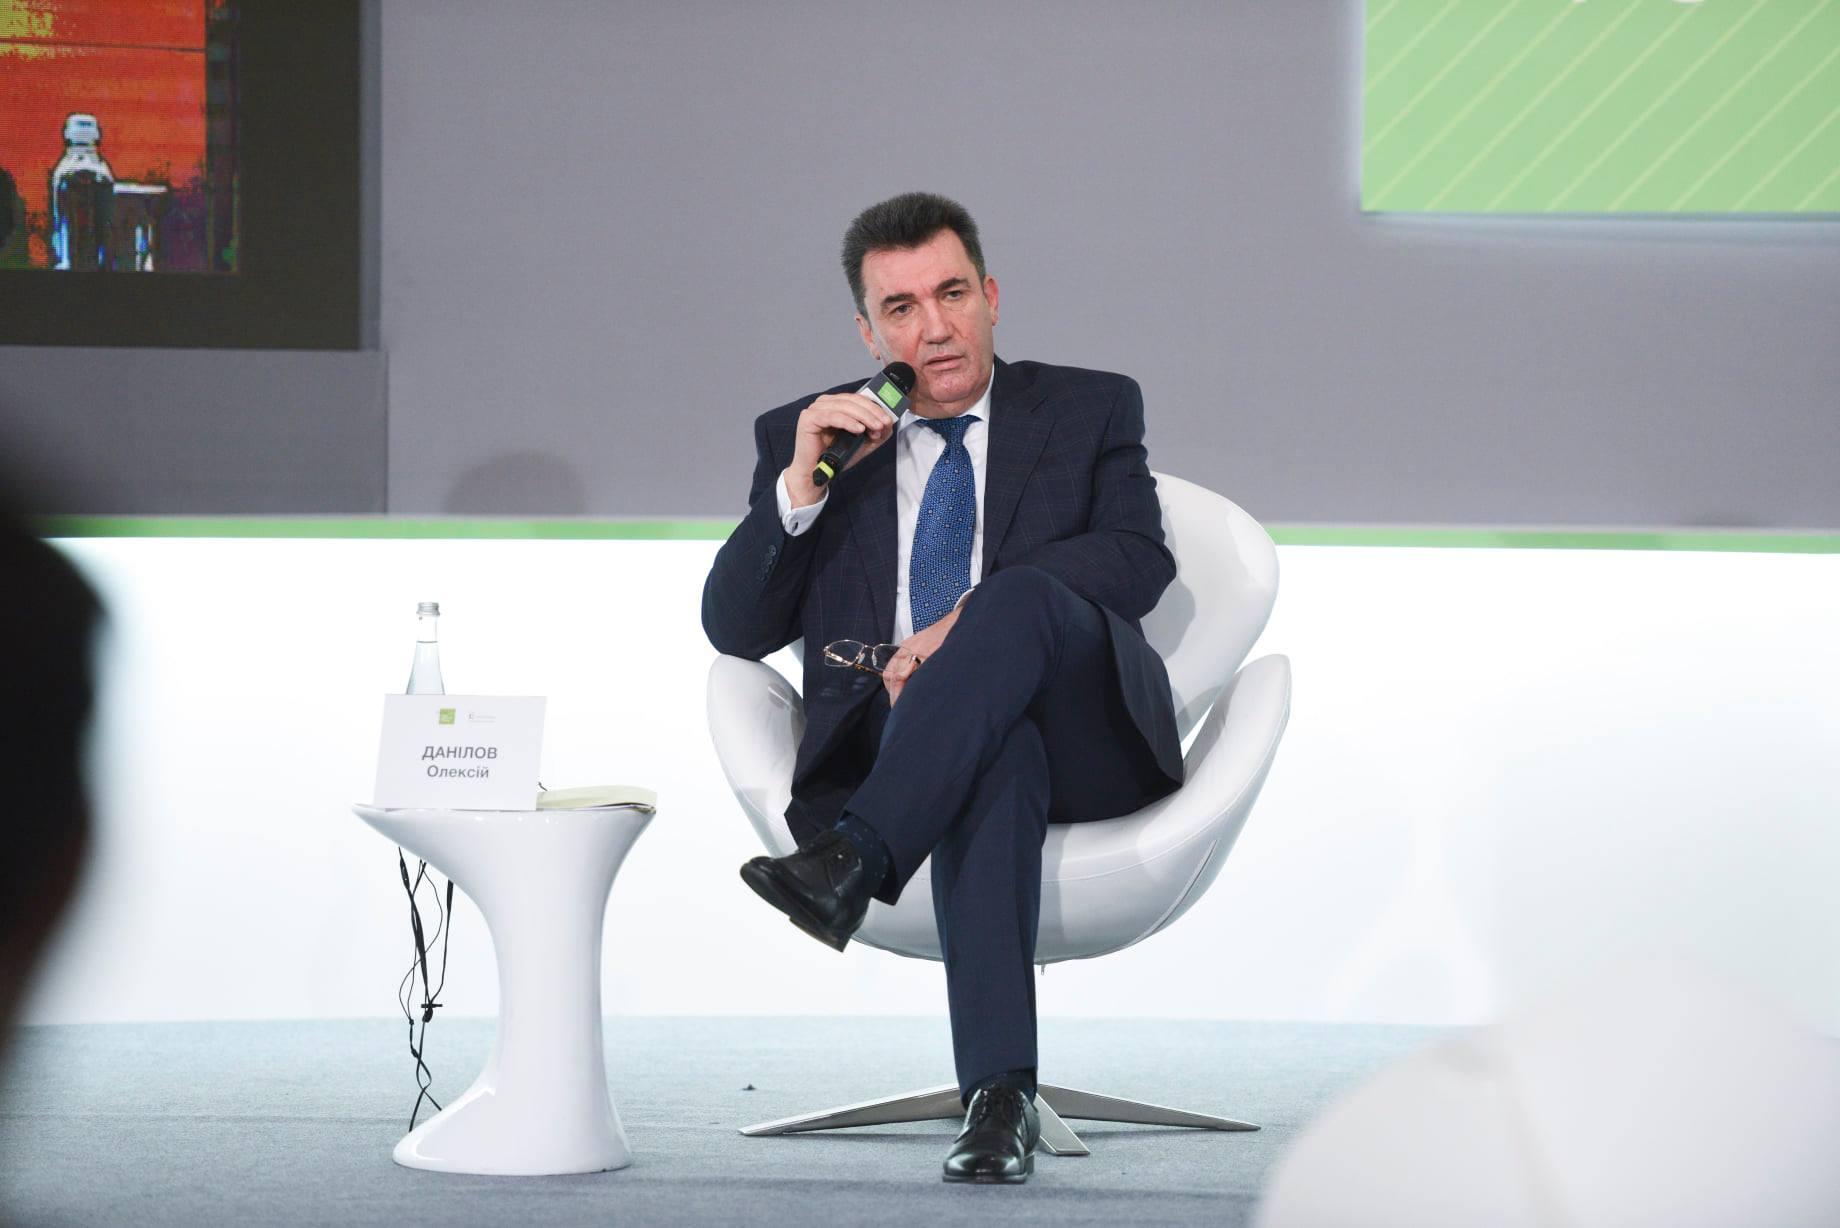 Выступление Данилова на Киевском форуме безопасности